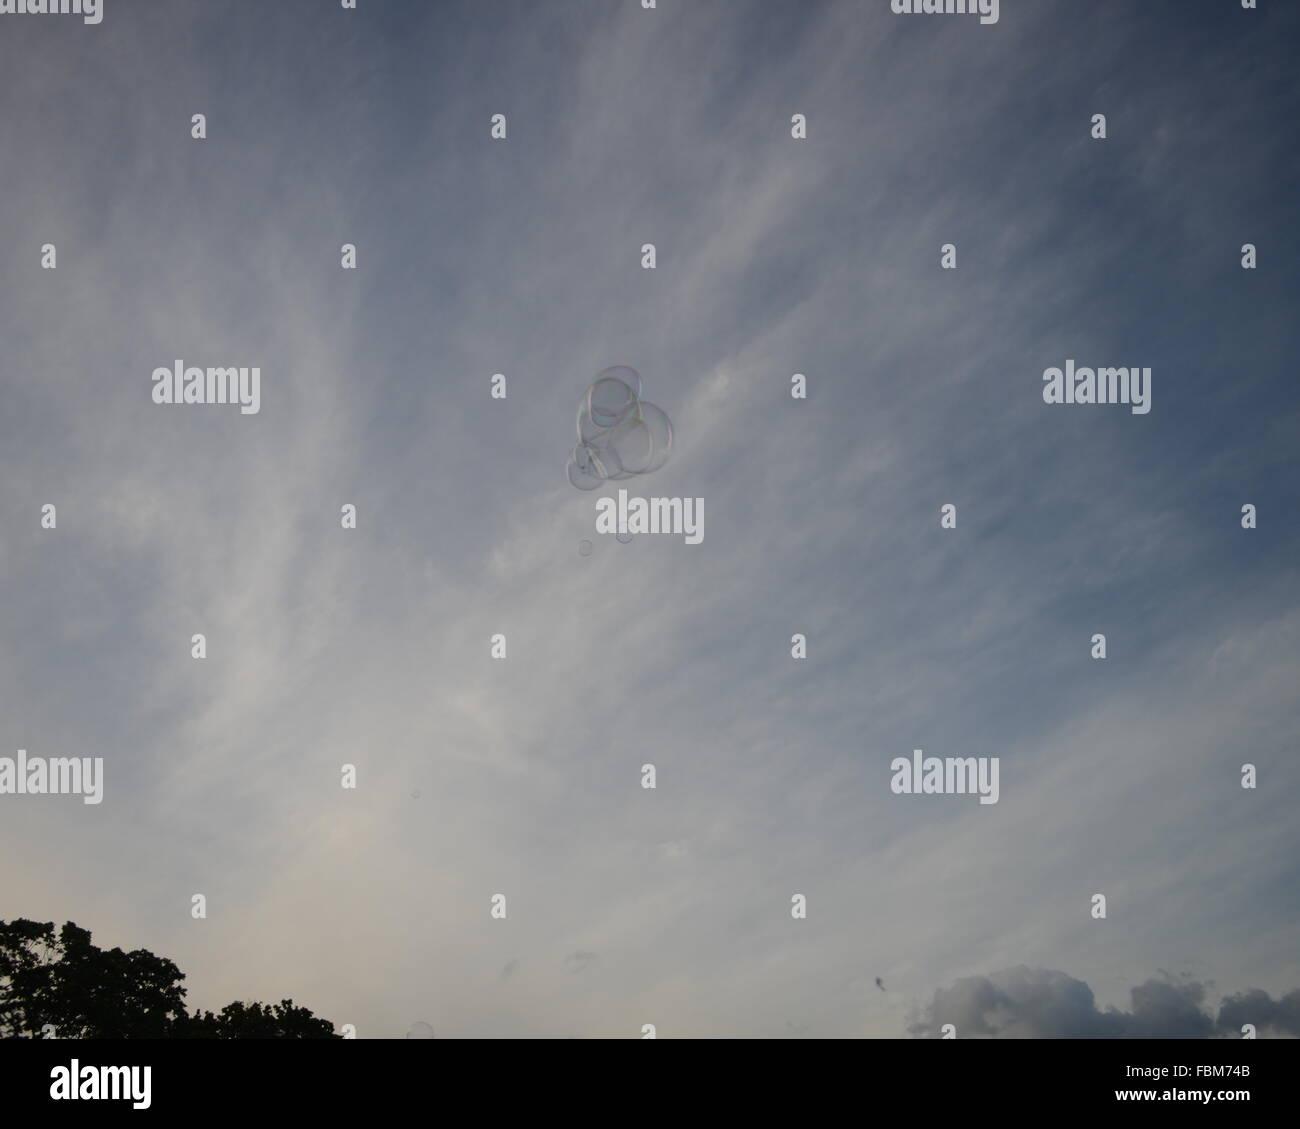 Soap Suds In Sky - Stock Image